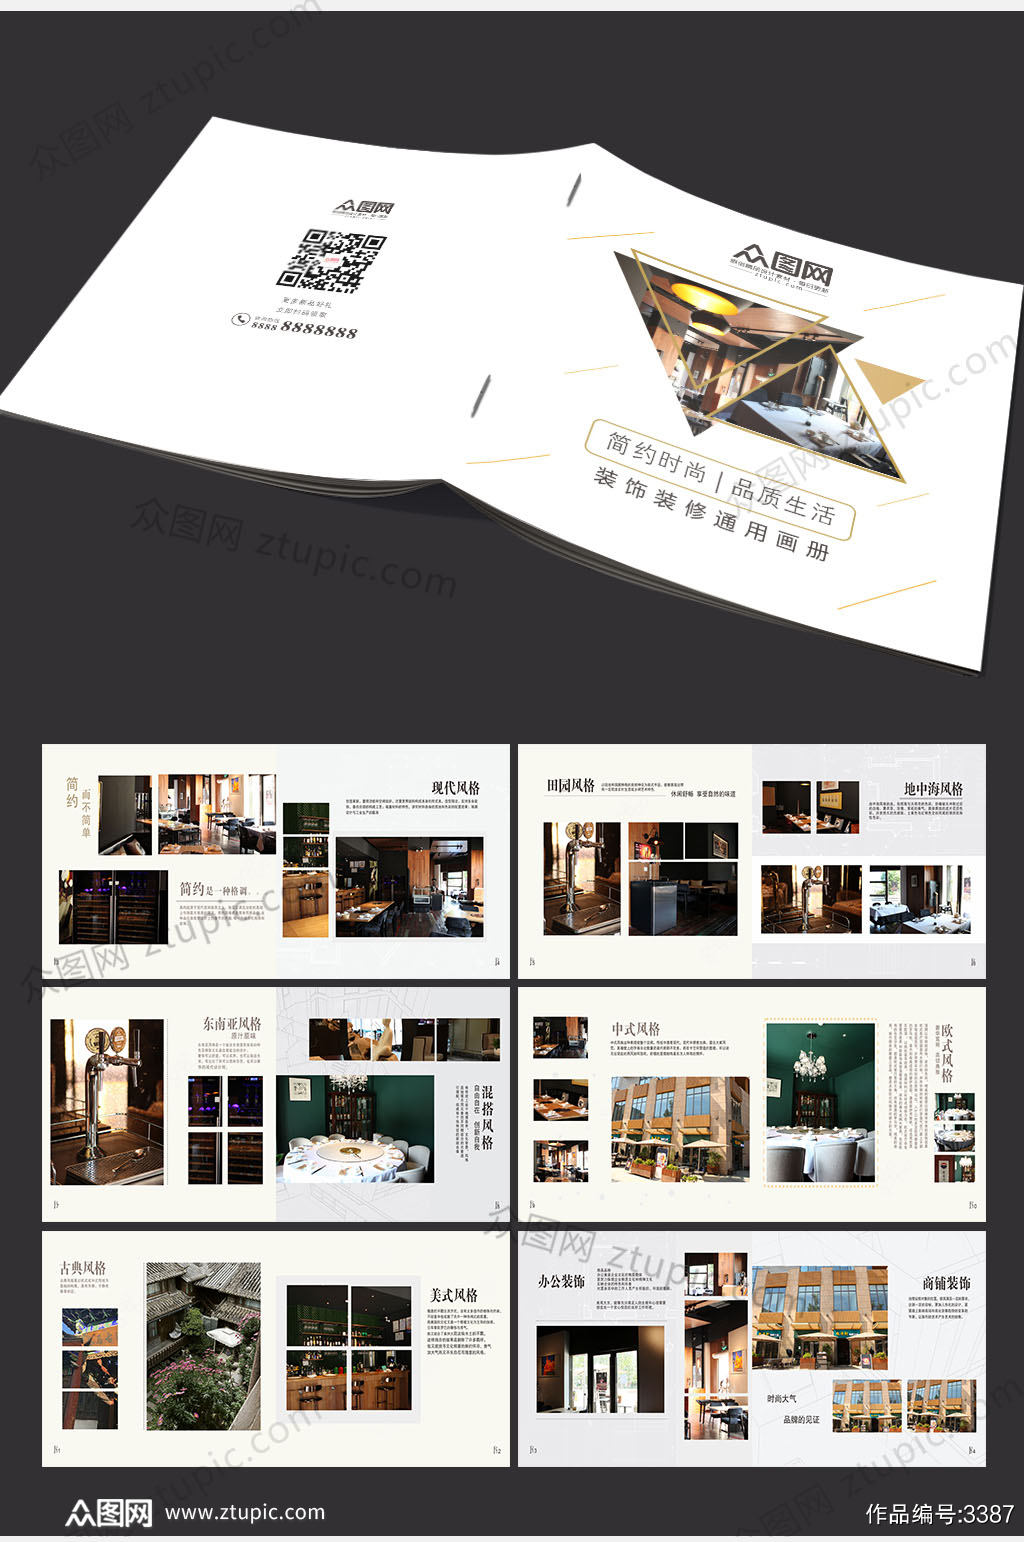 企业业务合作分析报告画册封面设计模板素材